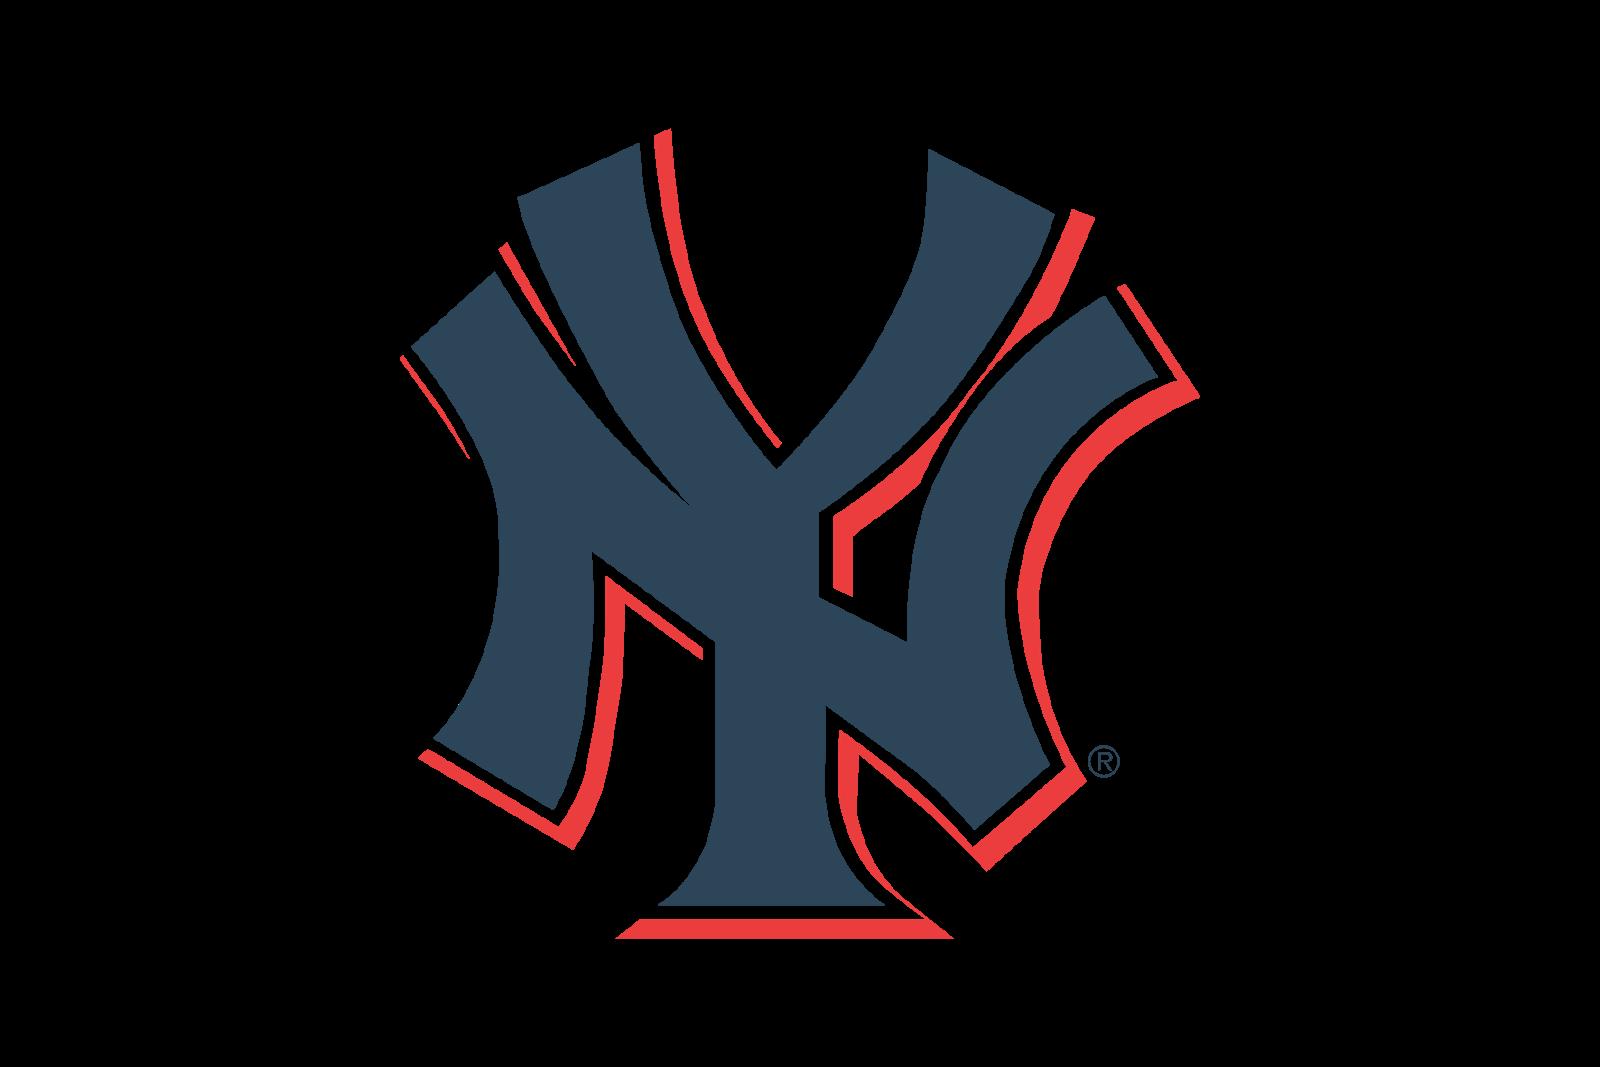 ny yankees logo share logo rh share logo blogspot com ny yankees logo font ny yankees logo font